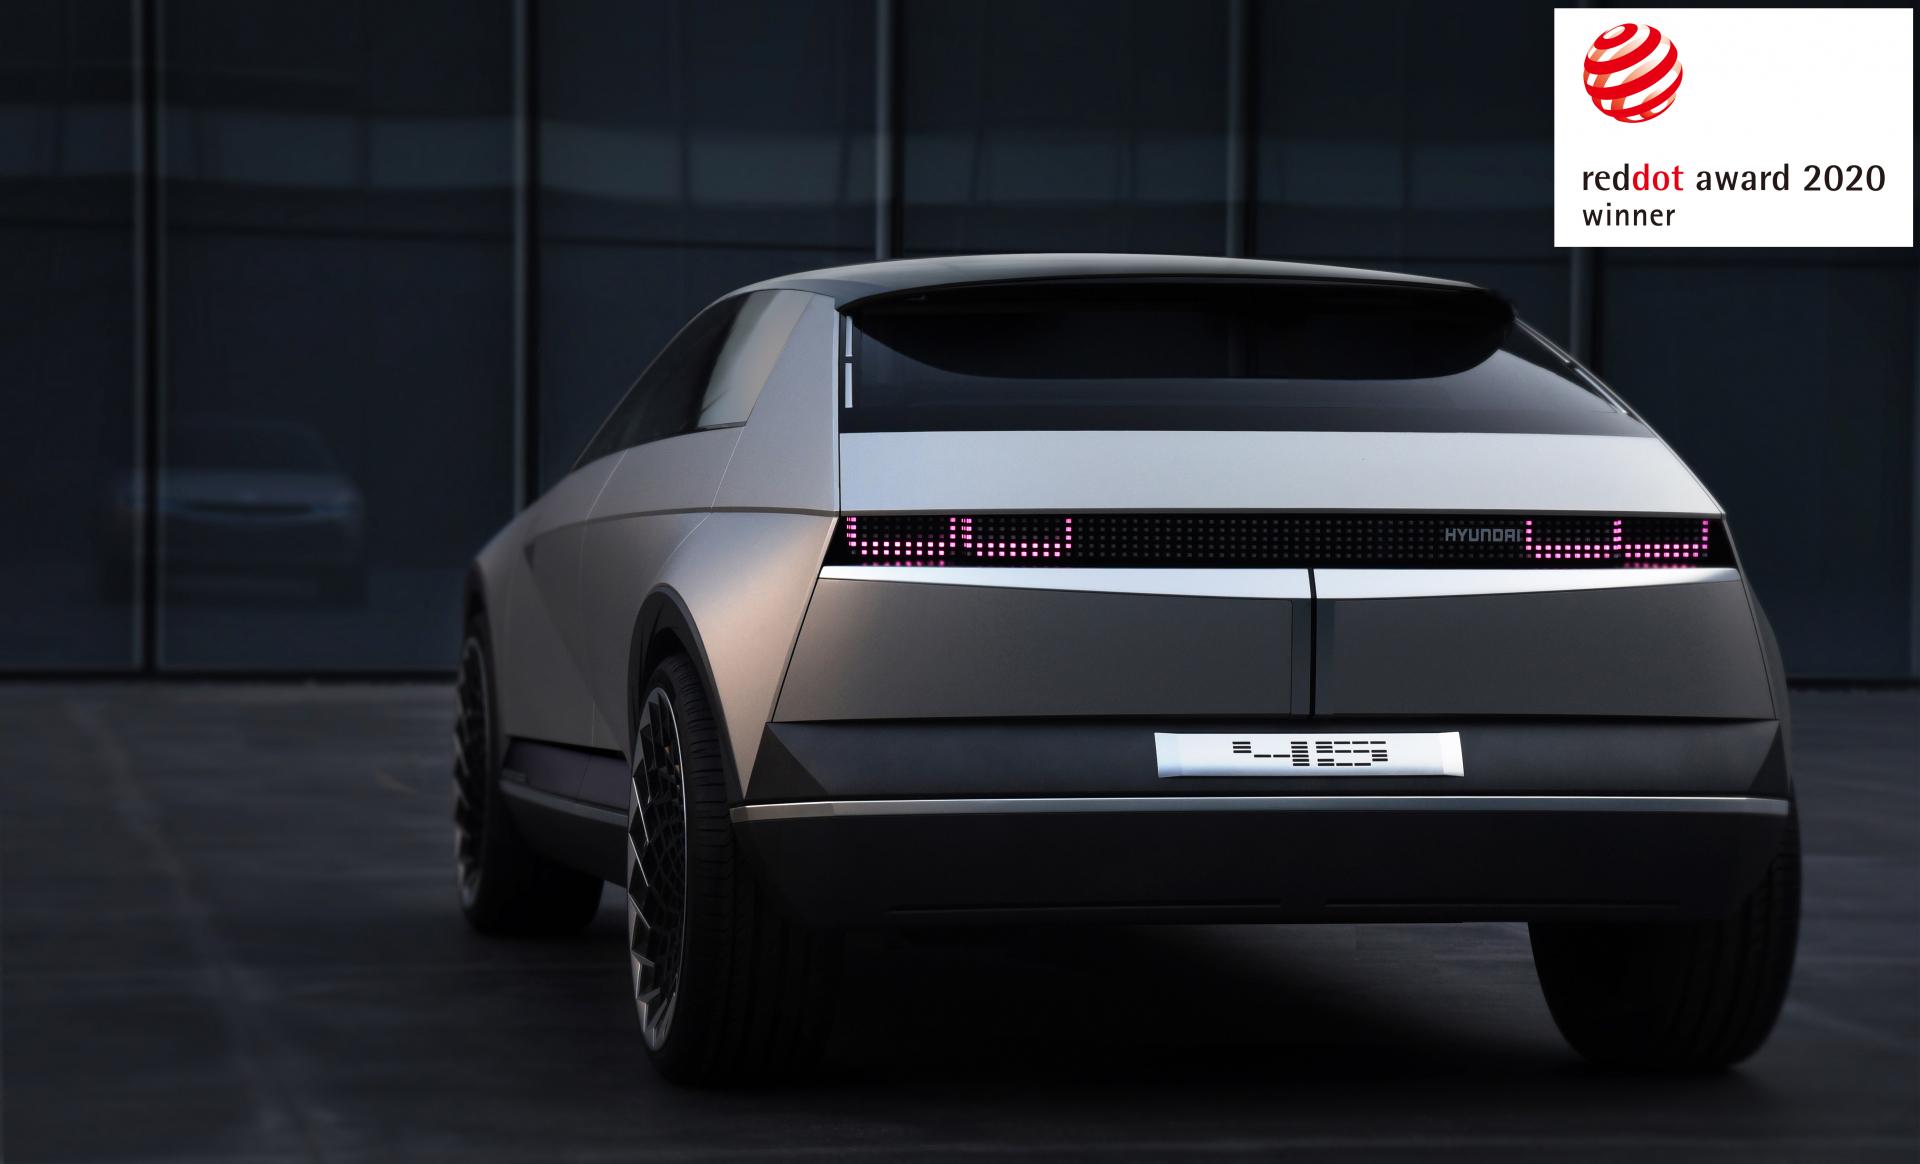 Компанія Hyundai Motor отримала три нагороди Red Dot Award 2020 за концептуальний дизайн | БУГ АВТО - фото 10